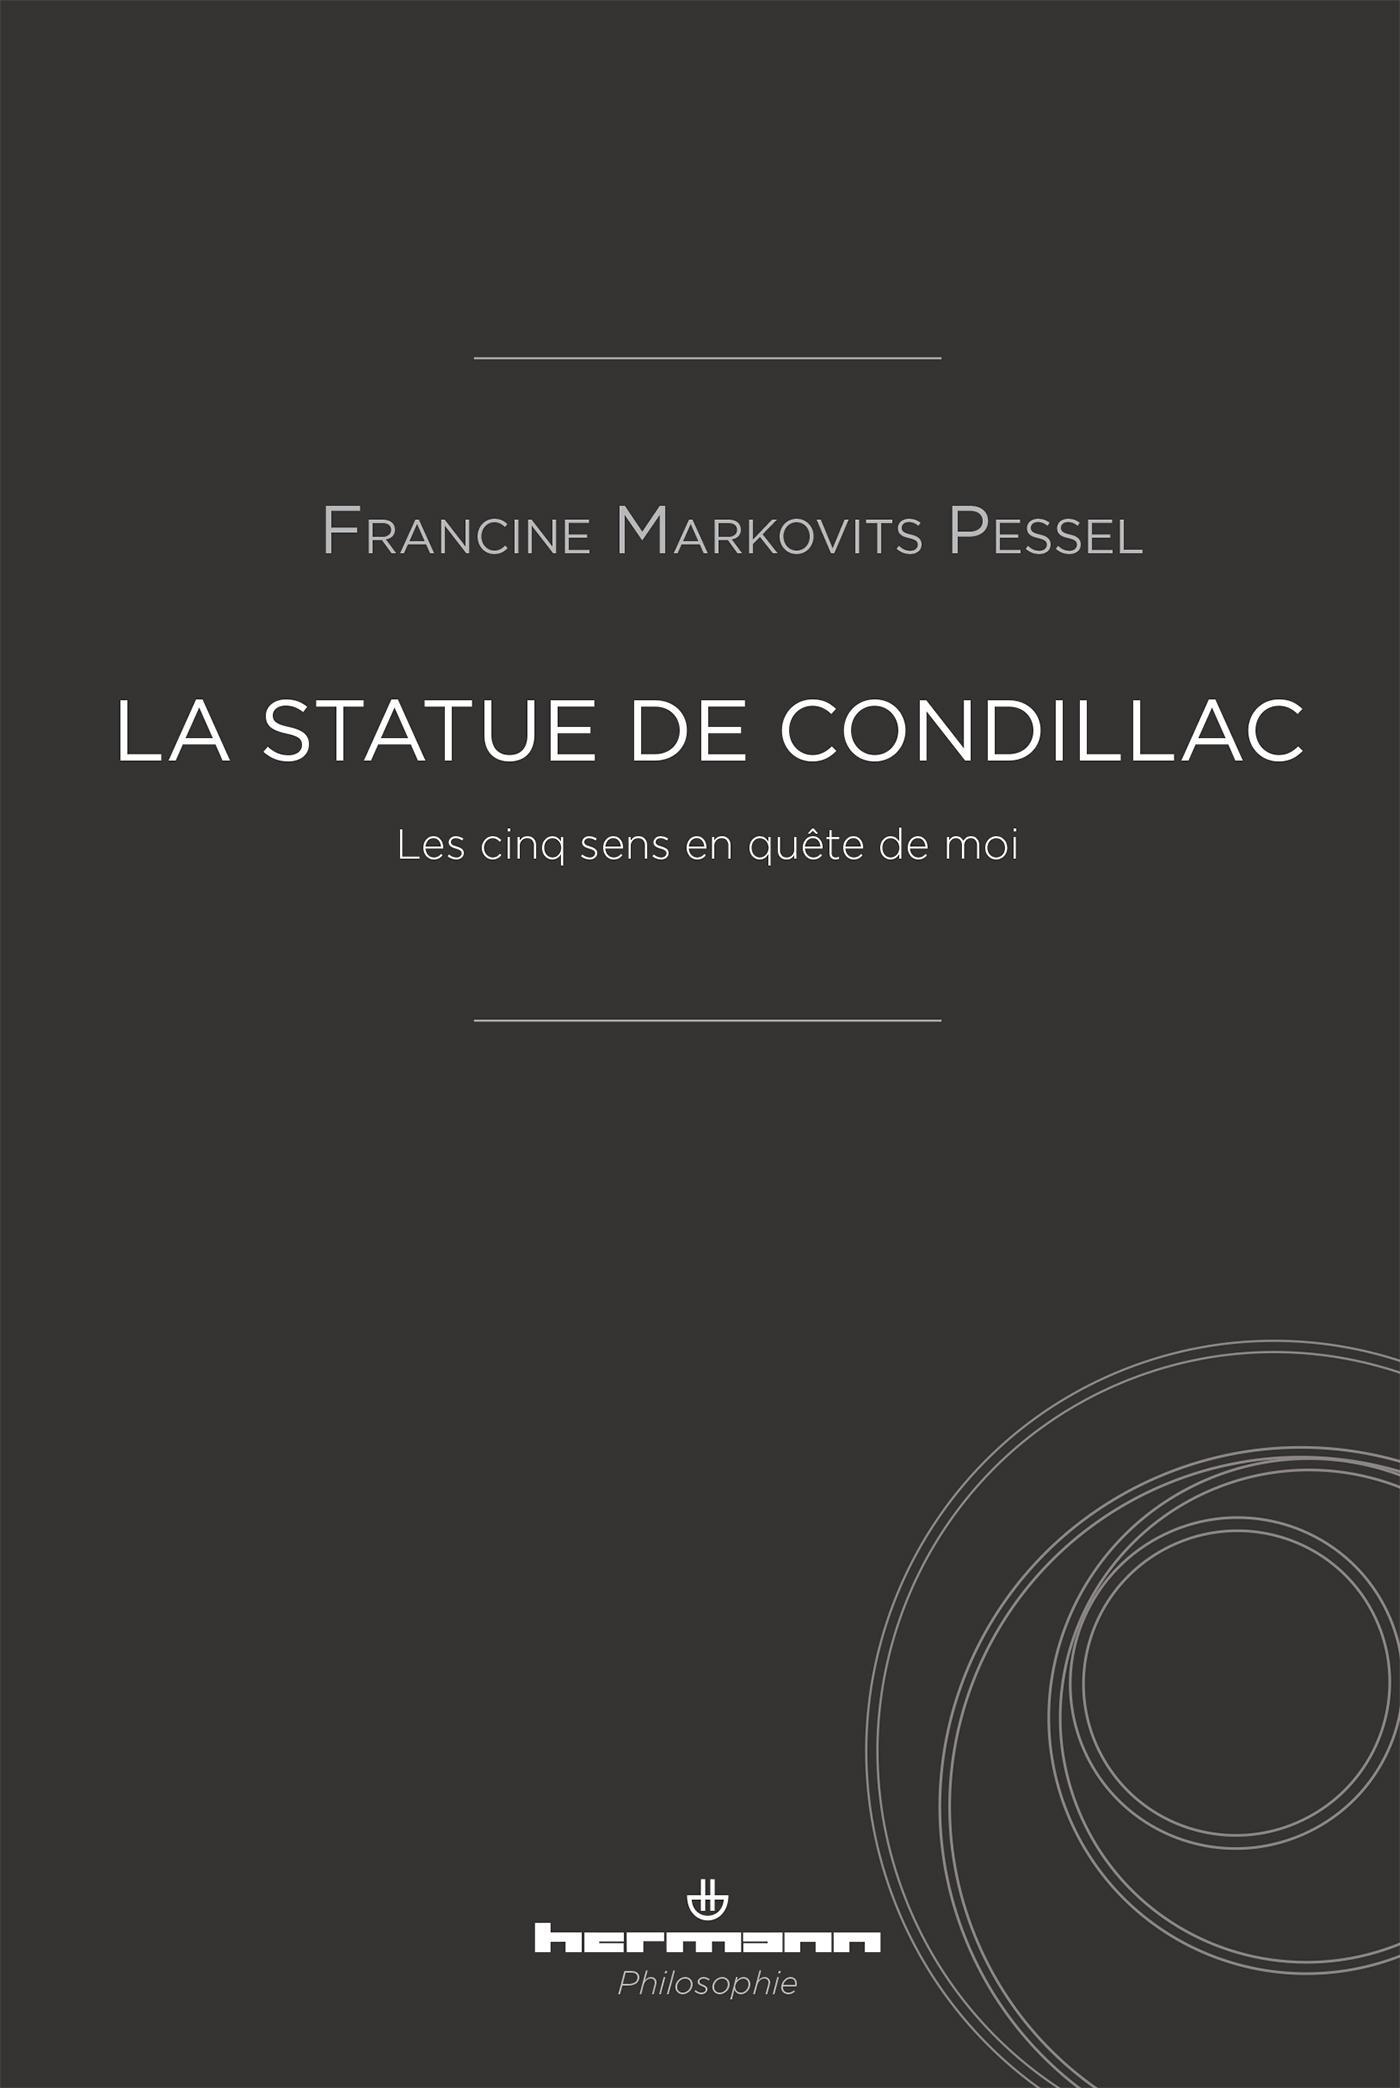 LA STATUE DE CONDILLAC - LES CINQ SENS EN QUETE DE MOI